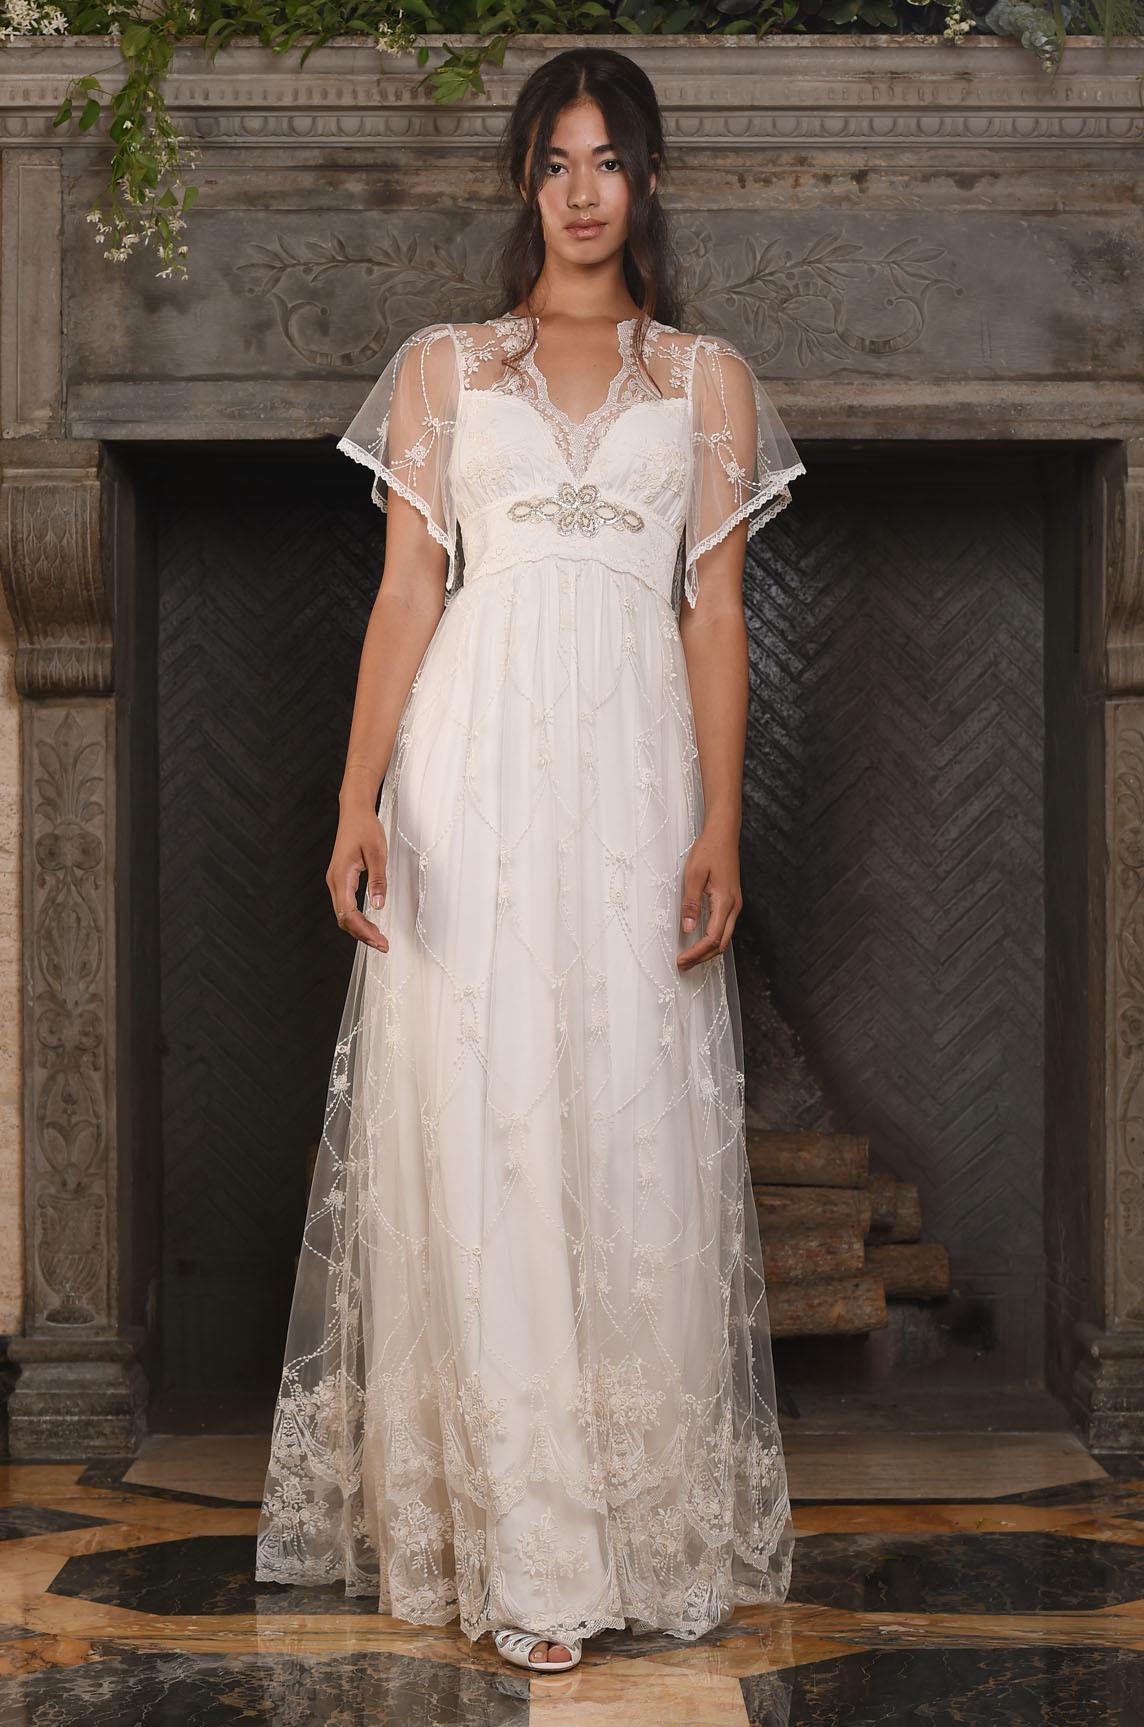 sheer dress overlay